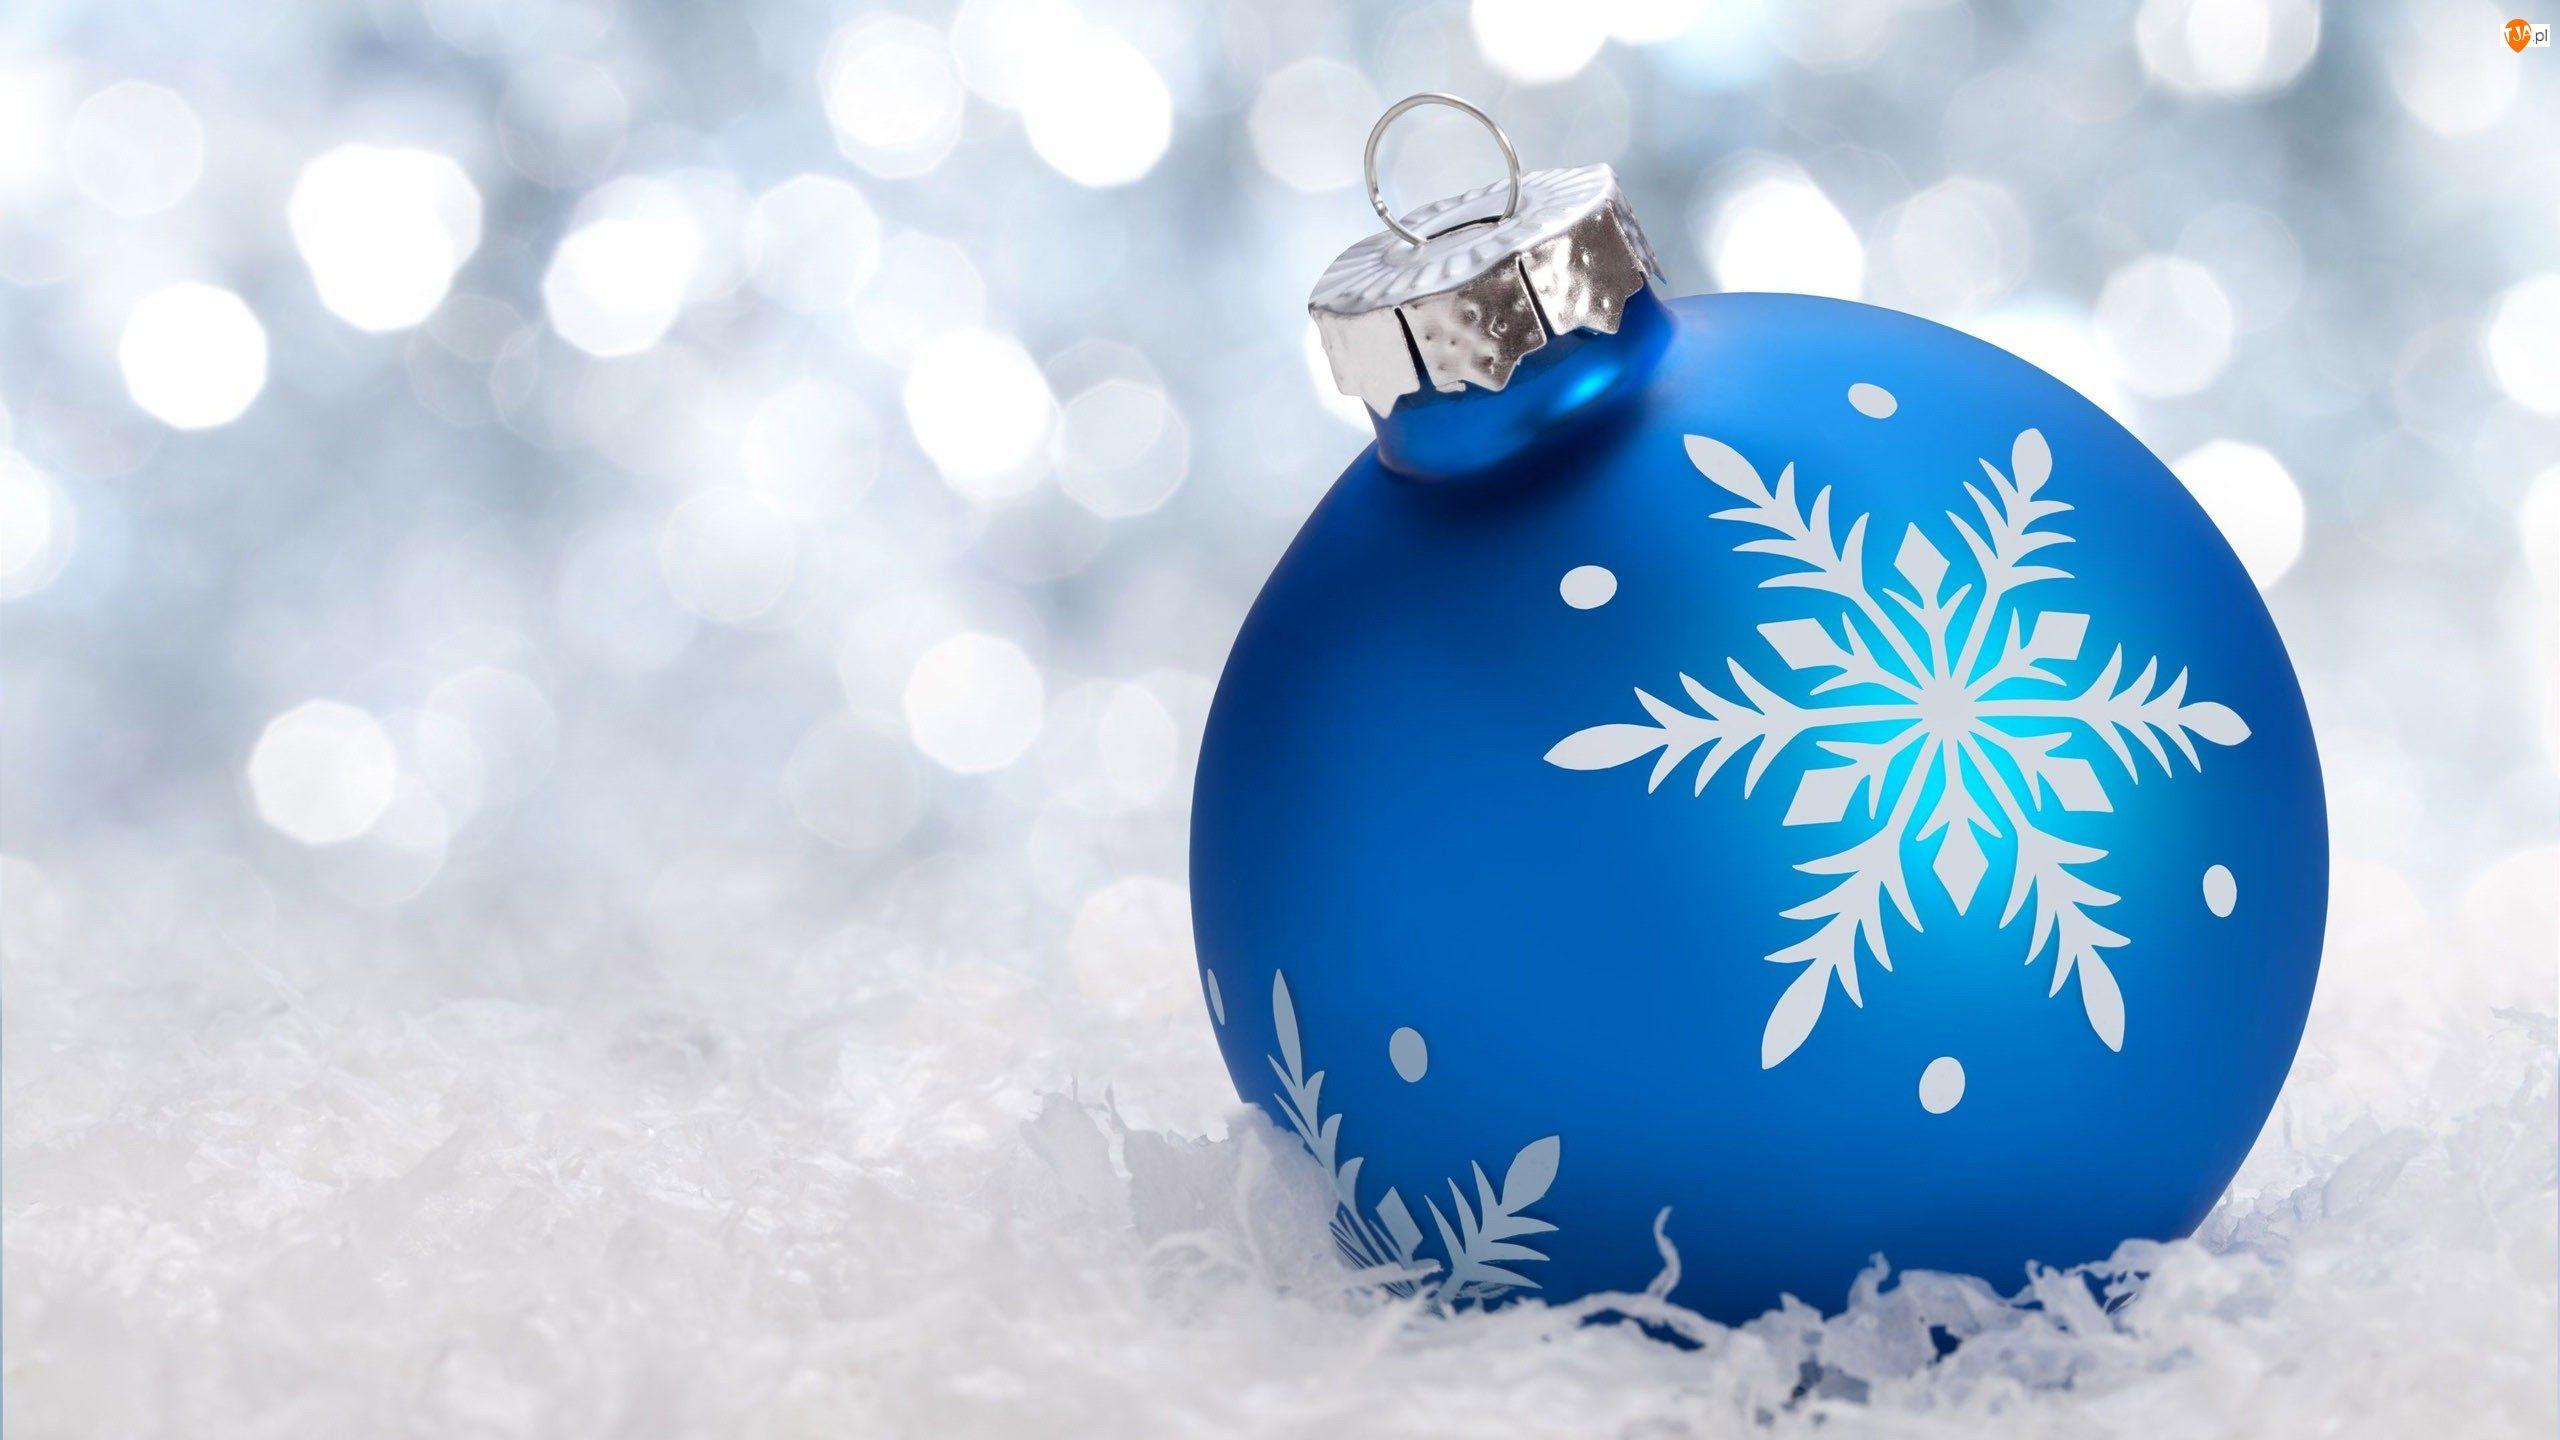 Bombka, Dekoracja, Boże Narodzenie, Świąteczne, Niebieska